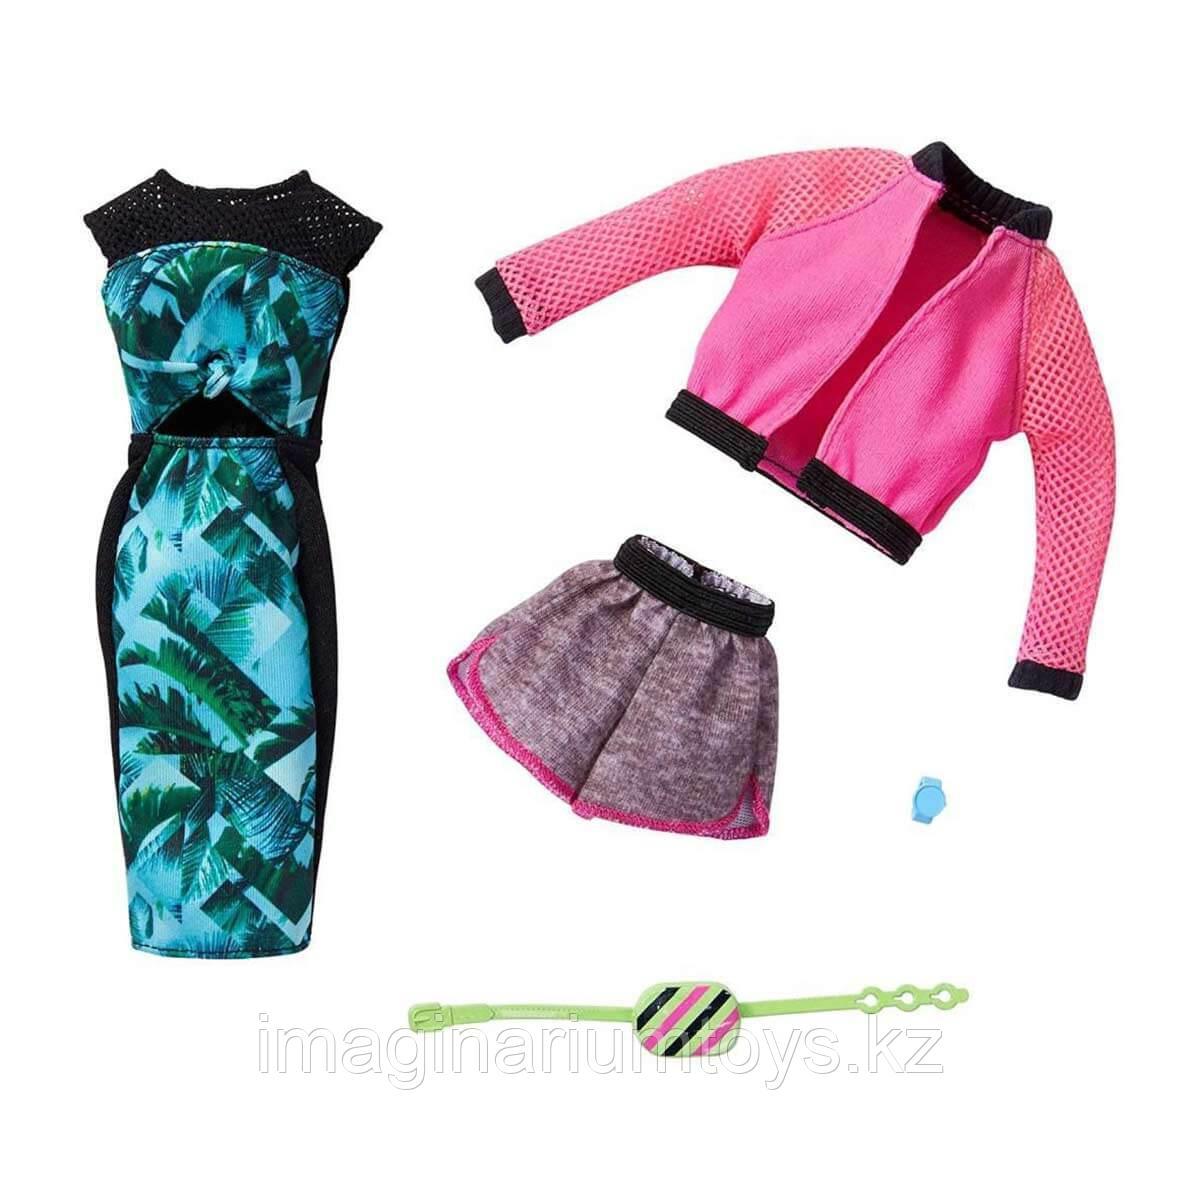 Одежда и аксессуары для кукол Барби новинка 2020 FYW83